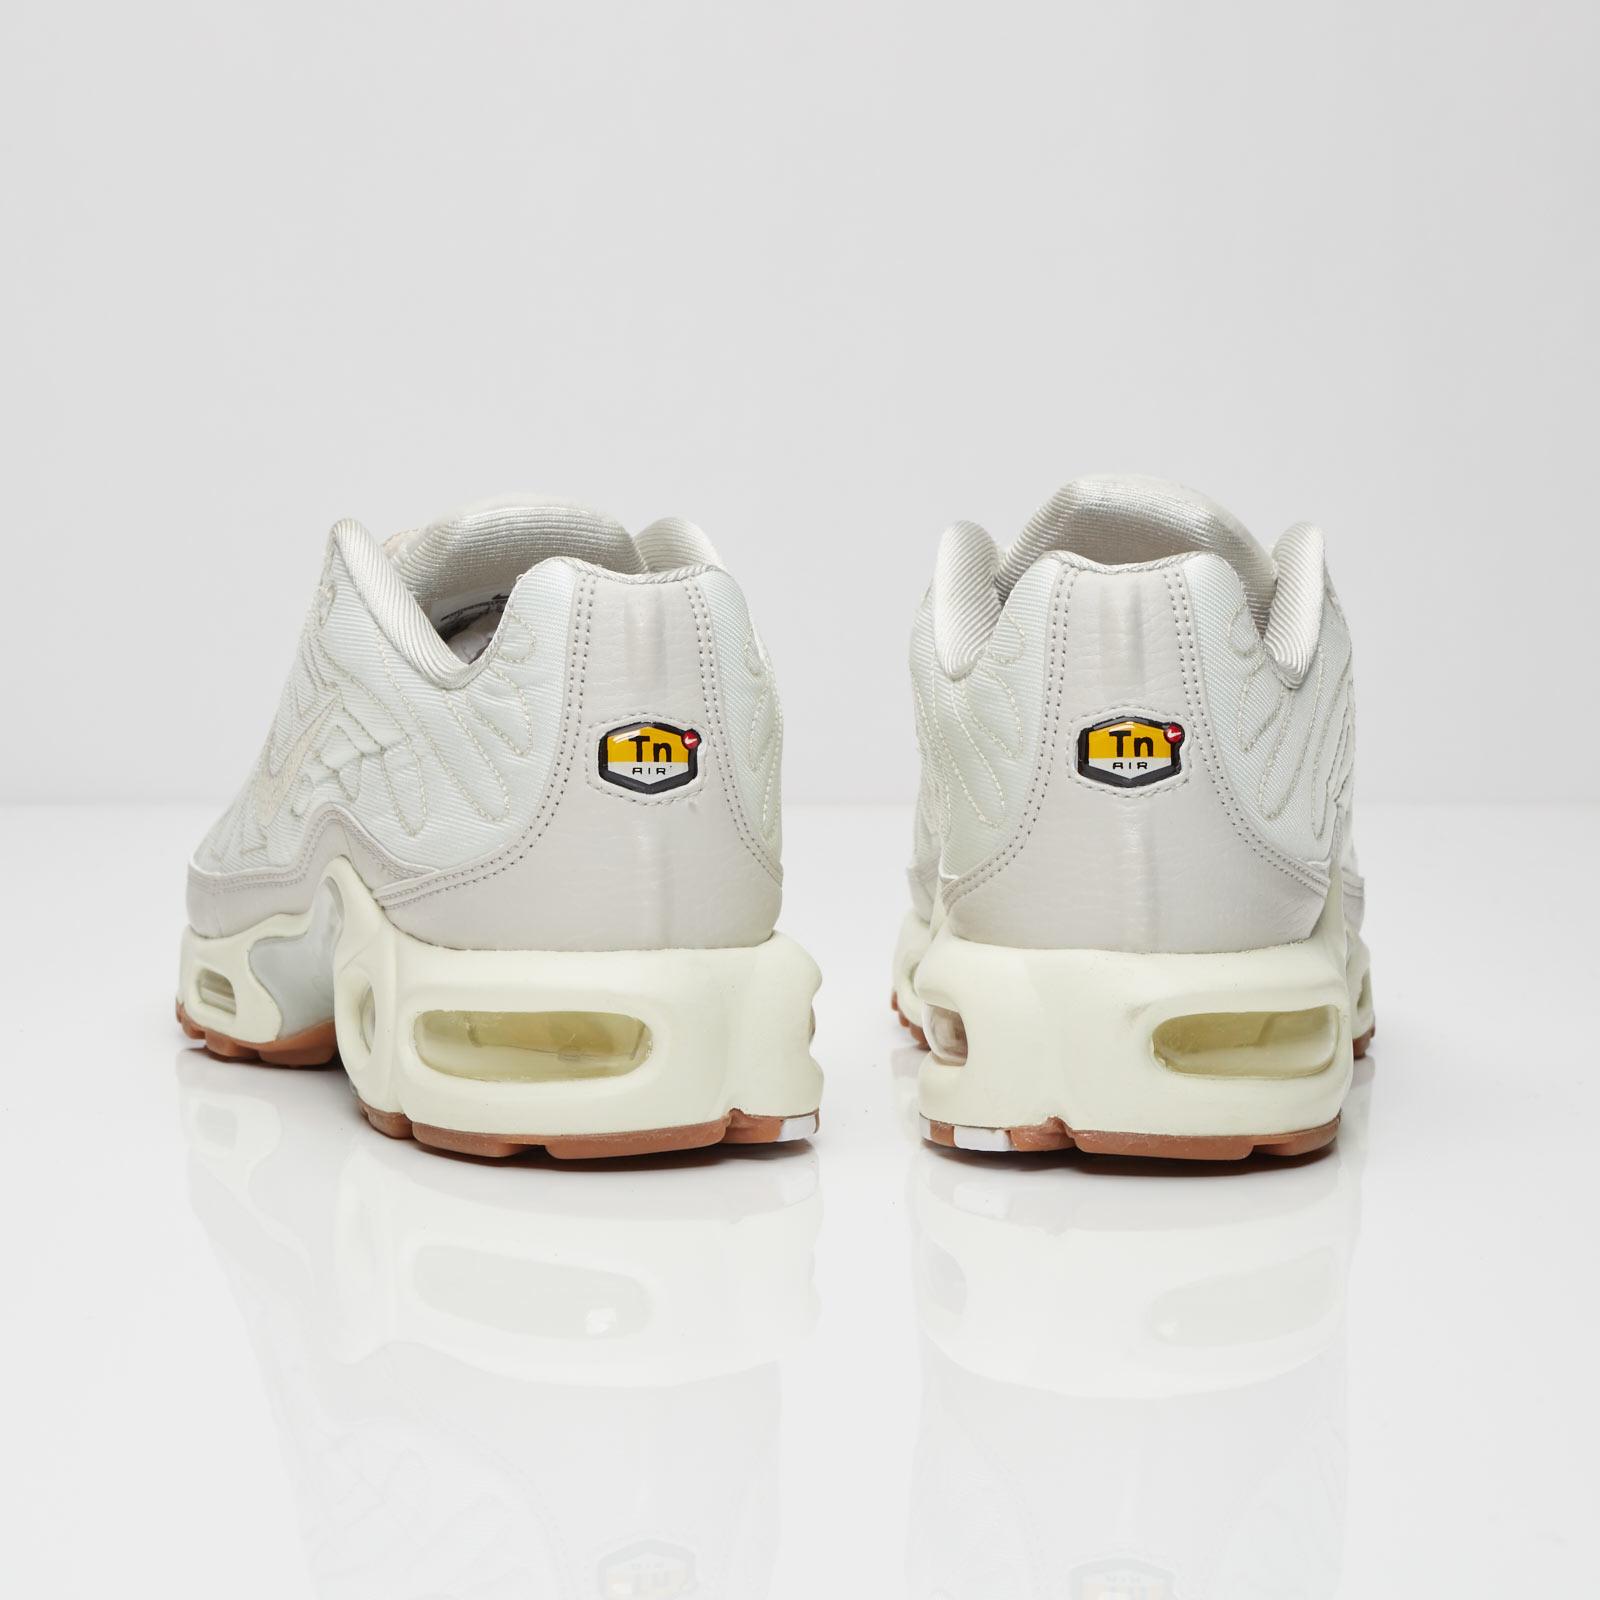 29bc4430ba Nike Wmns Air Max Plus Premium - 848891-002 - Sneakersnstuff | sneakers &  streetwear online since 1999